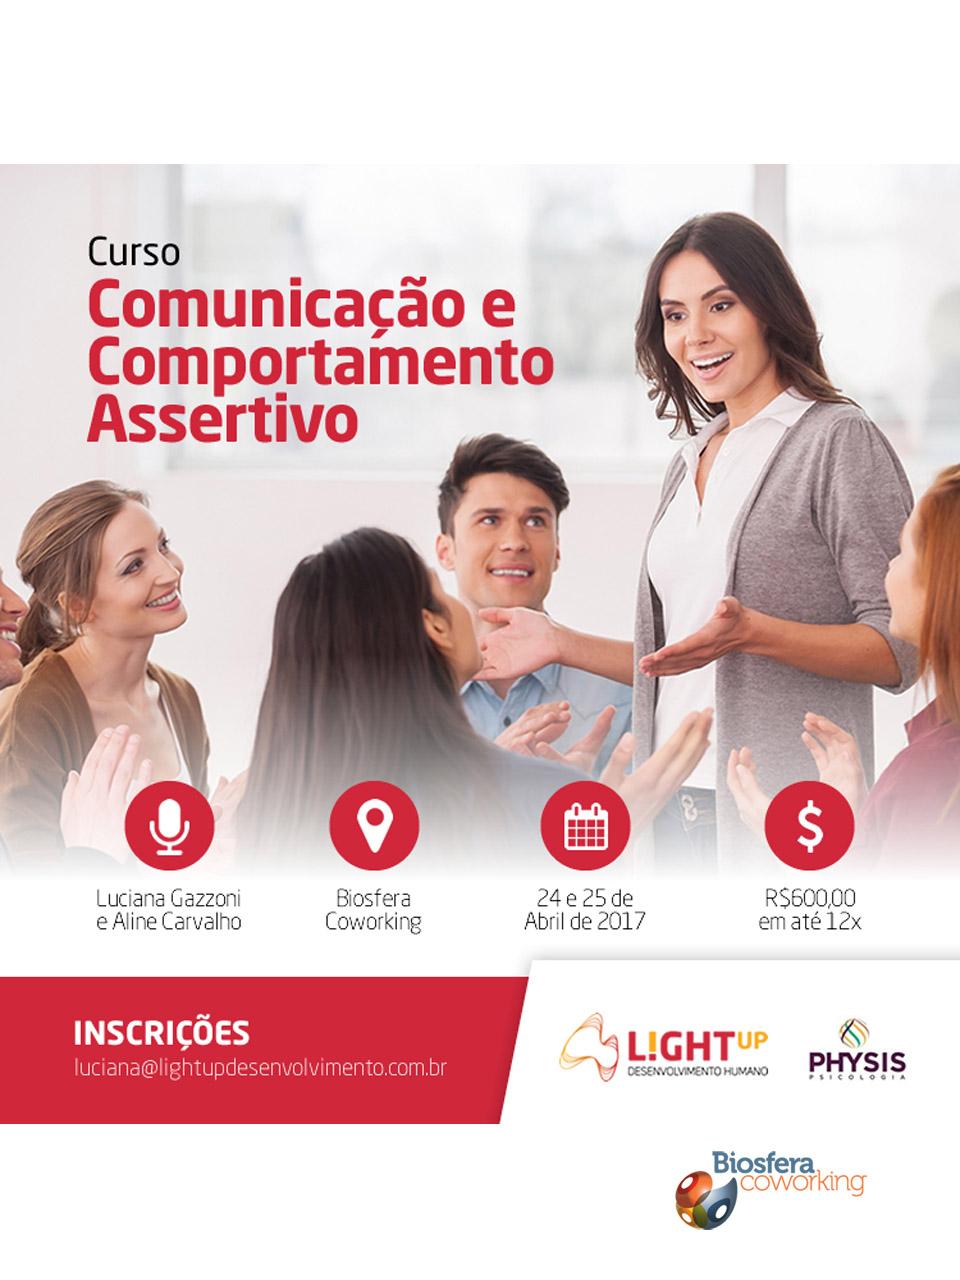 Curso Comunicação e Comportamento Assertivo